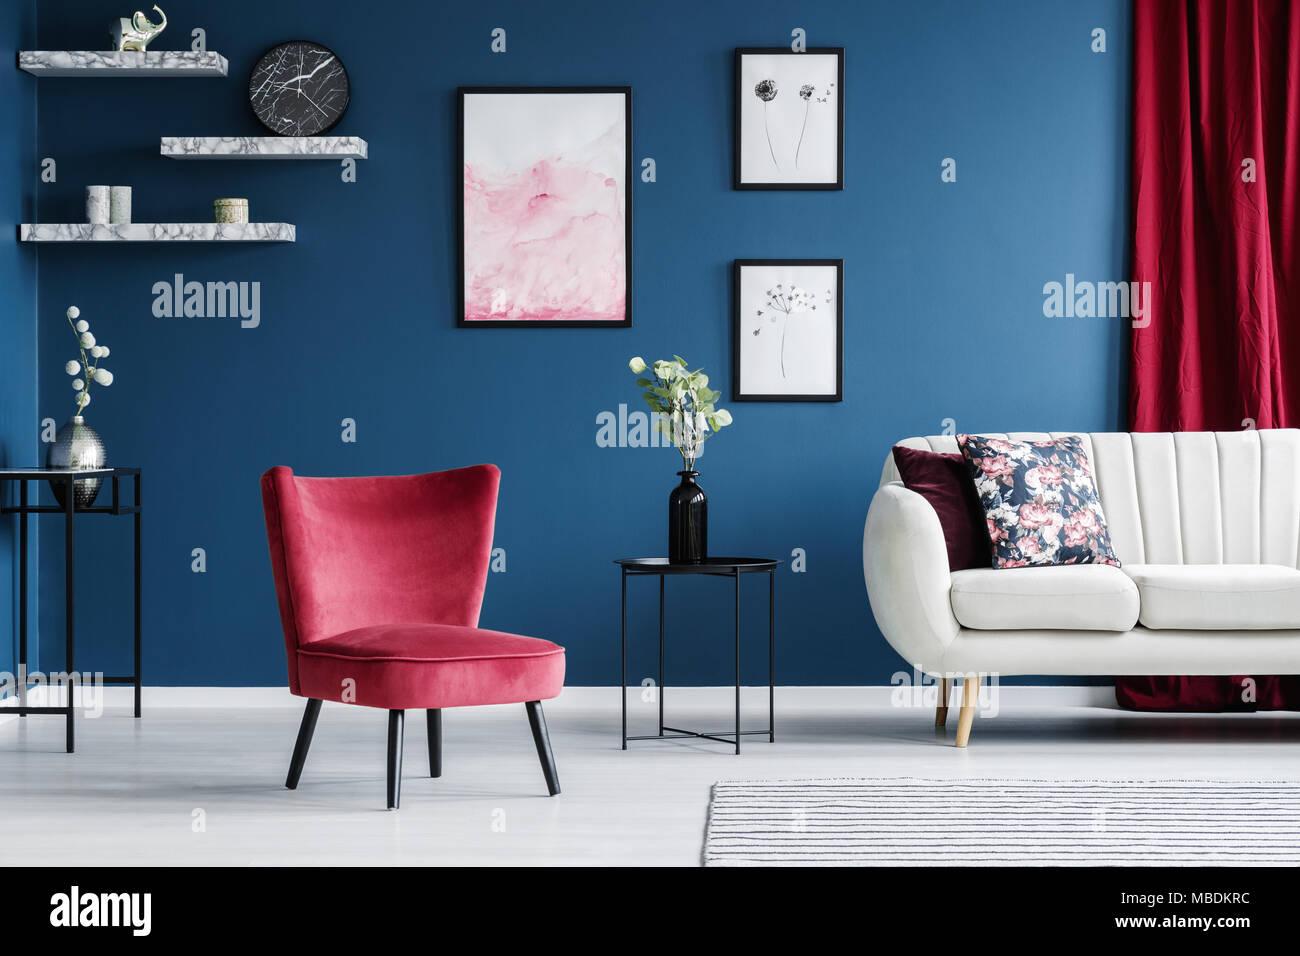 poltrona rossa e poster in blu salotto interno con divano accanto ad un tavolo con fiori foto. Black Bedroom Furniture Sets. Home Design Ideas